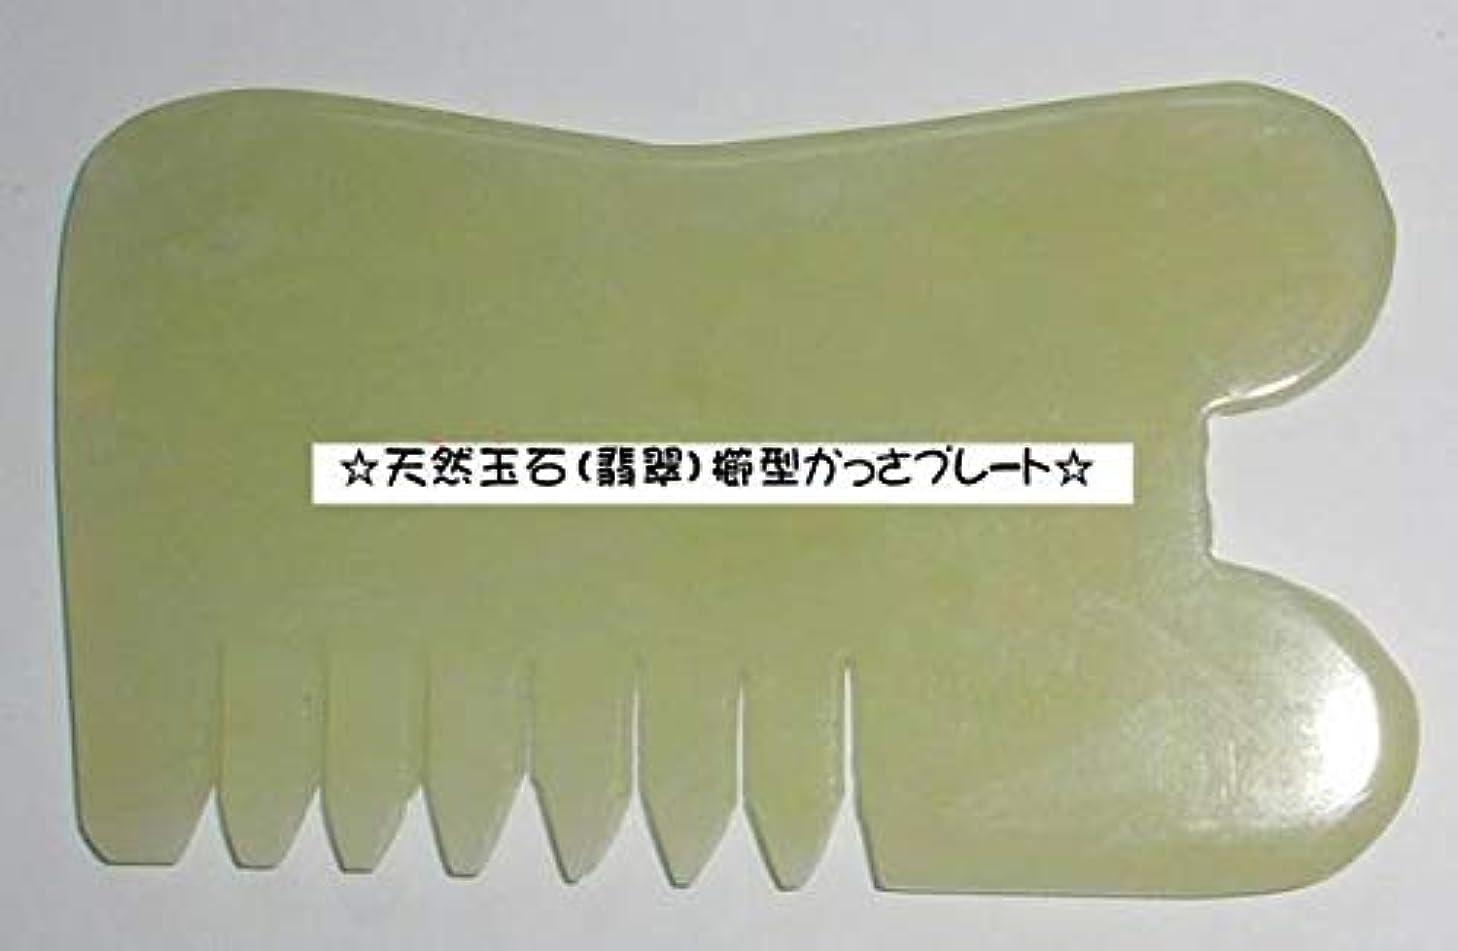 恐れる歯科のジェットカッサ 天然石 櫛型?かっさ板 プレート 緑